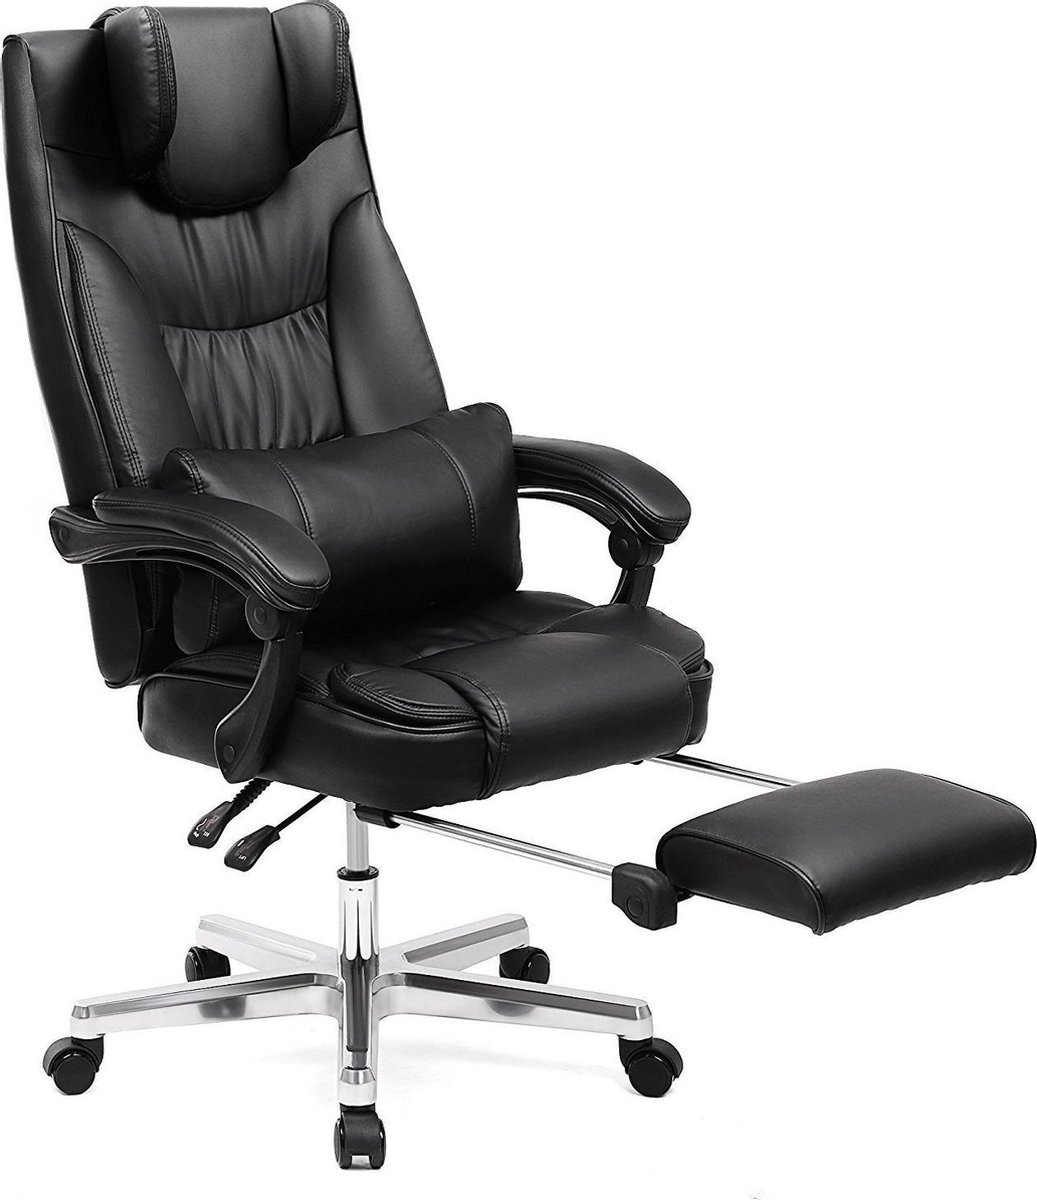 Songmics Luxe Bureaustoel - Met Opvouwbare Hoofdsteun En Uittrekbare Voetsteun - Orthopedische Bureaustoel - Gamingstoel - OBG75B